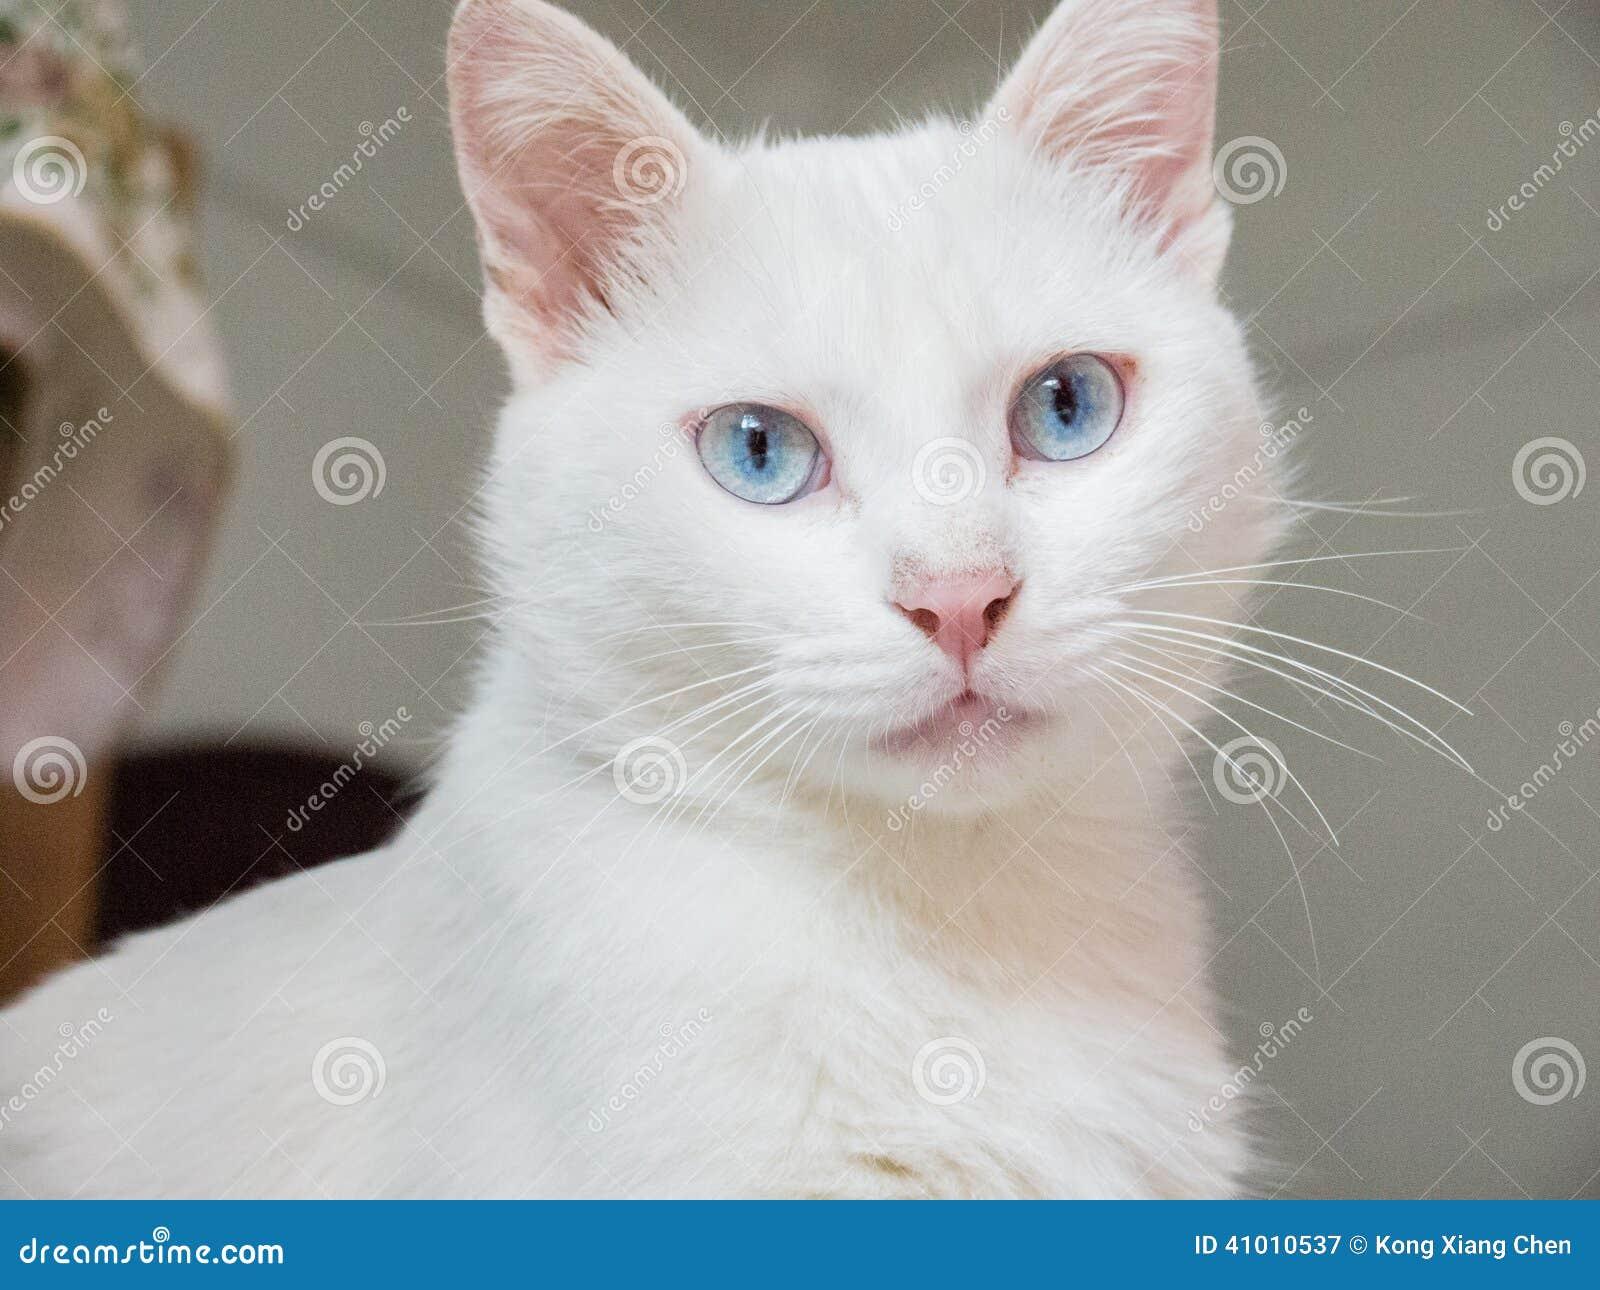 scientific name of cat